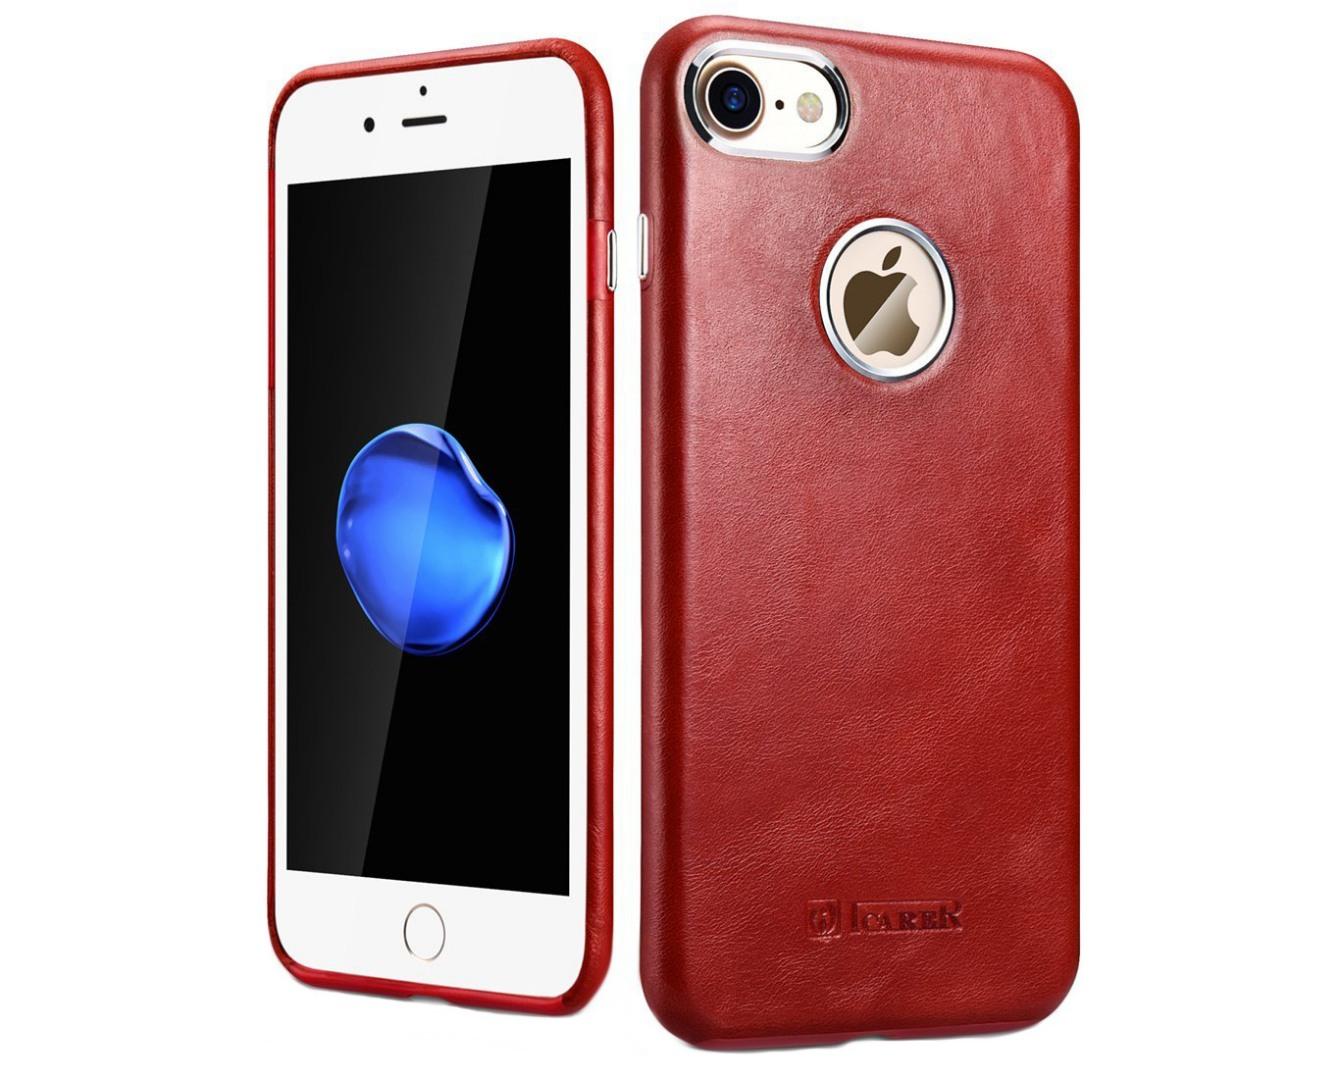 Husa din piele naturala, tip back cover, iPhone 7 - iCarer Transformers Vintage Series, Rosu burgund